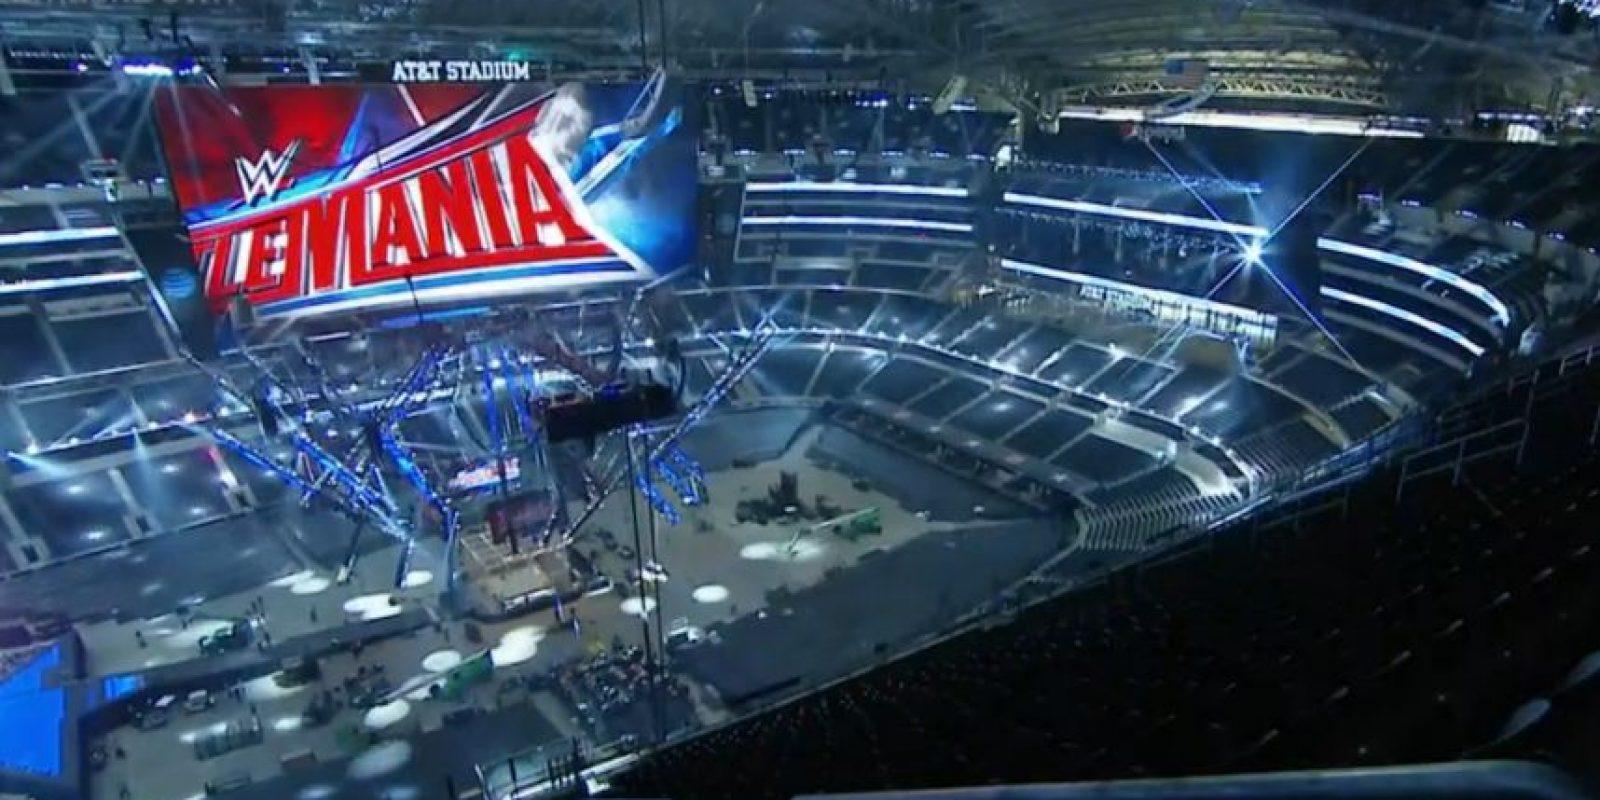 El AT&T Stadium será la sede de Wrestlemania 32. Foto:WWE